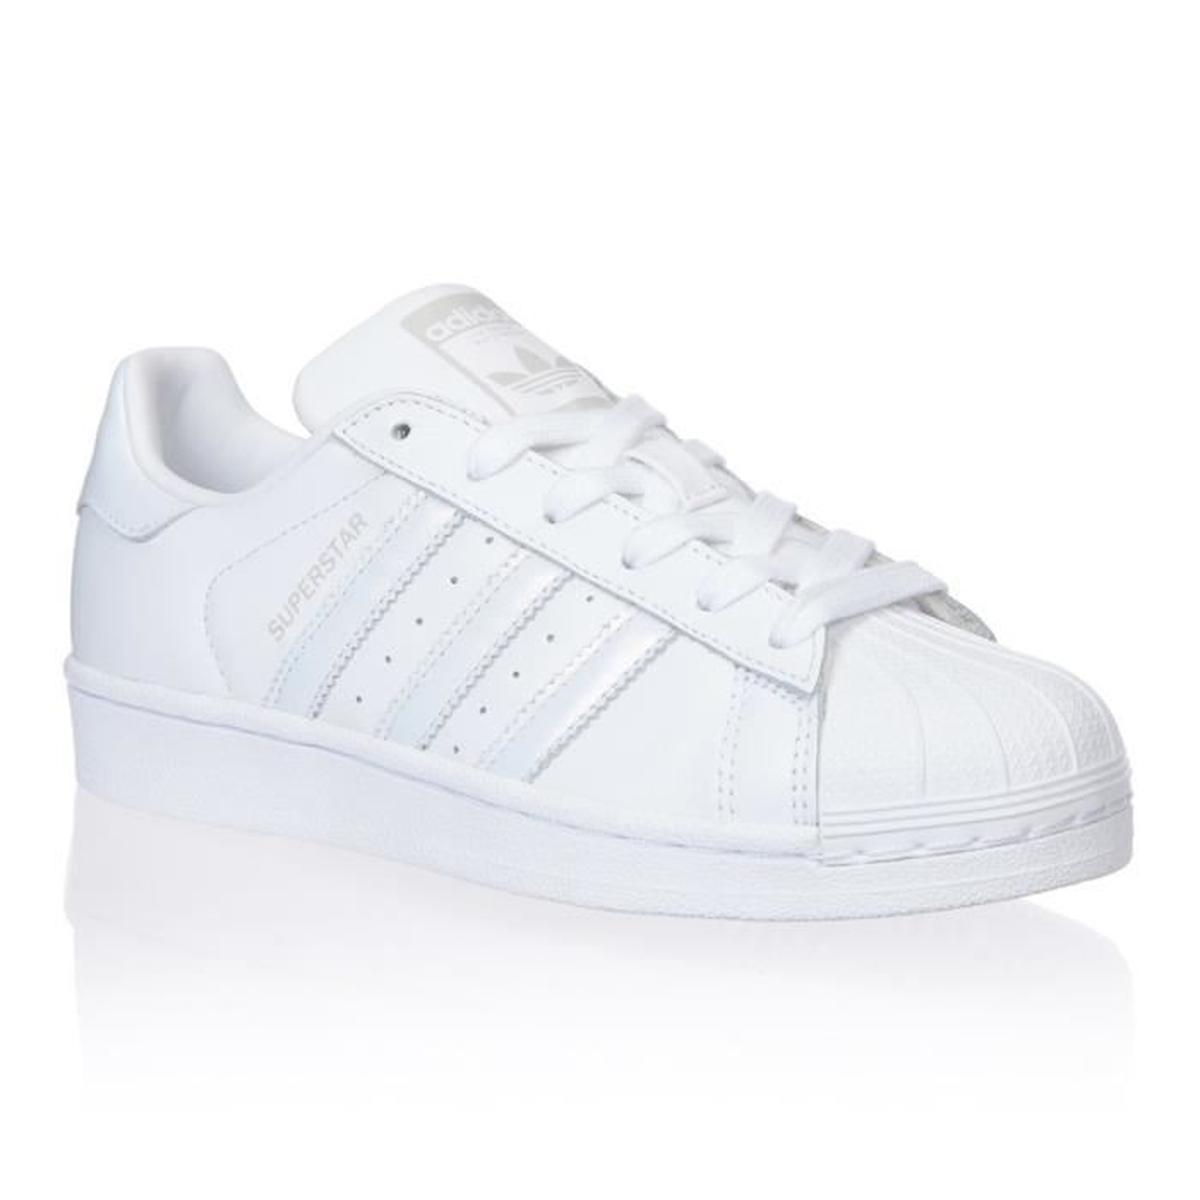 chaussure adidas superstar blanche